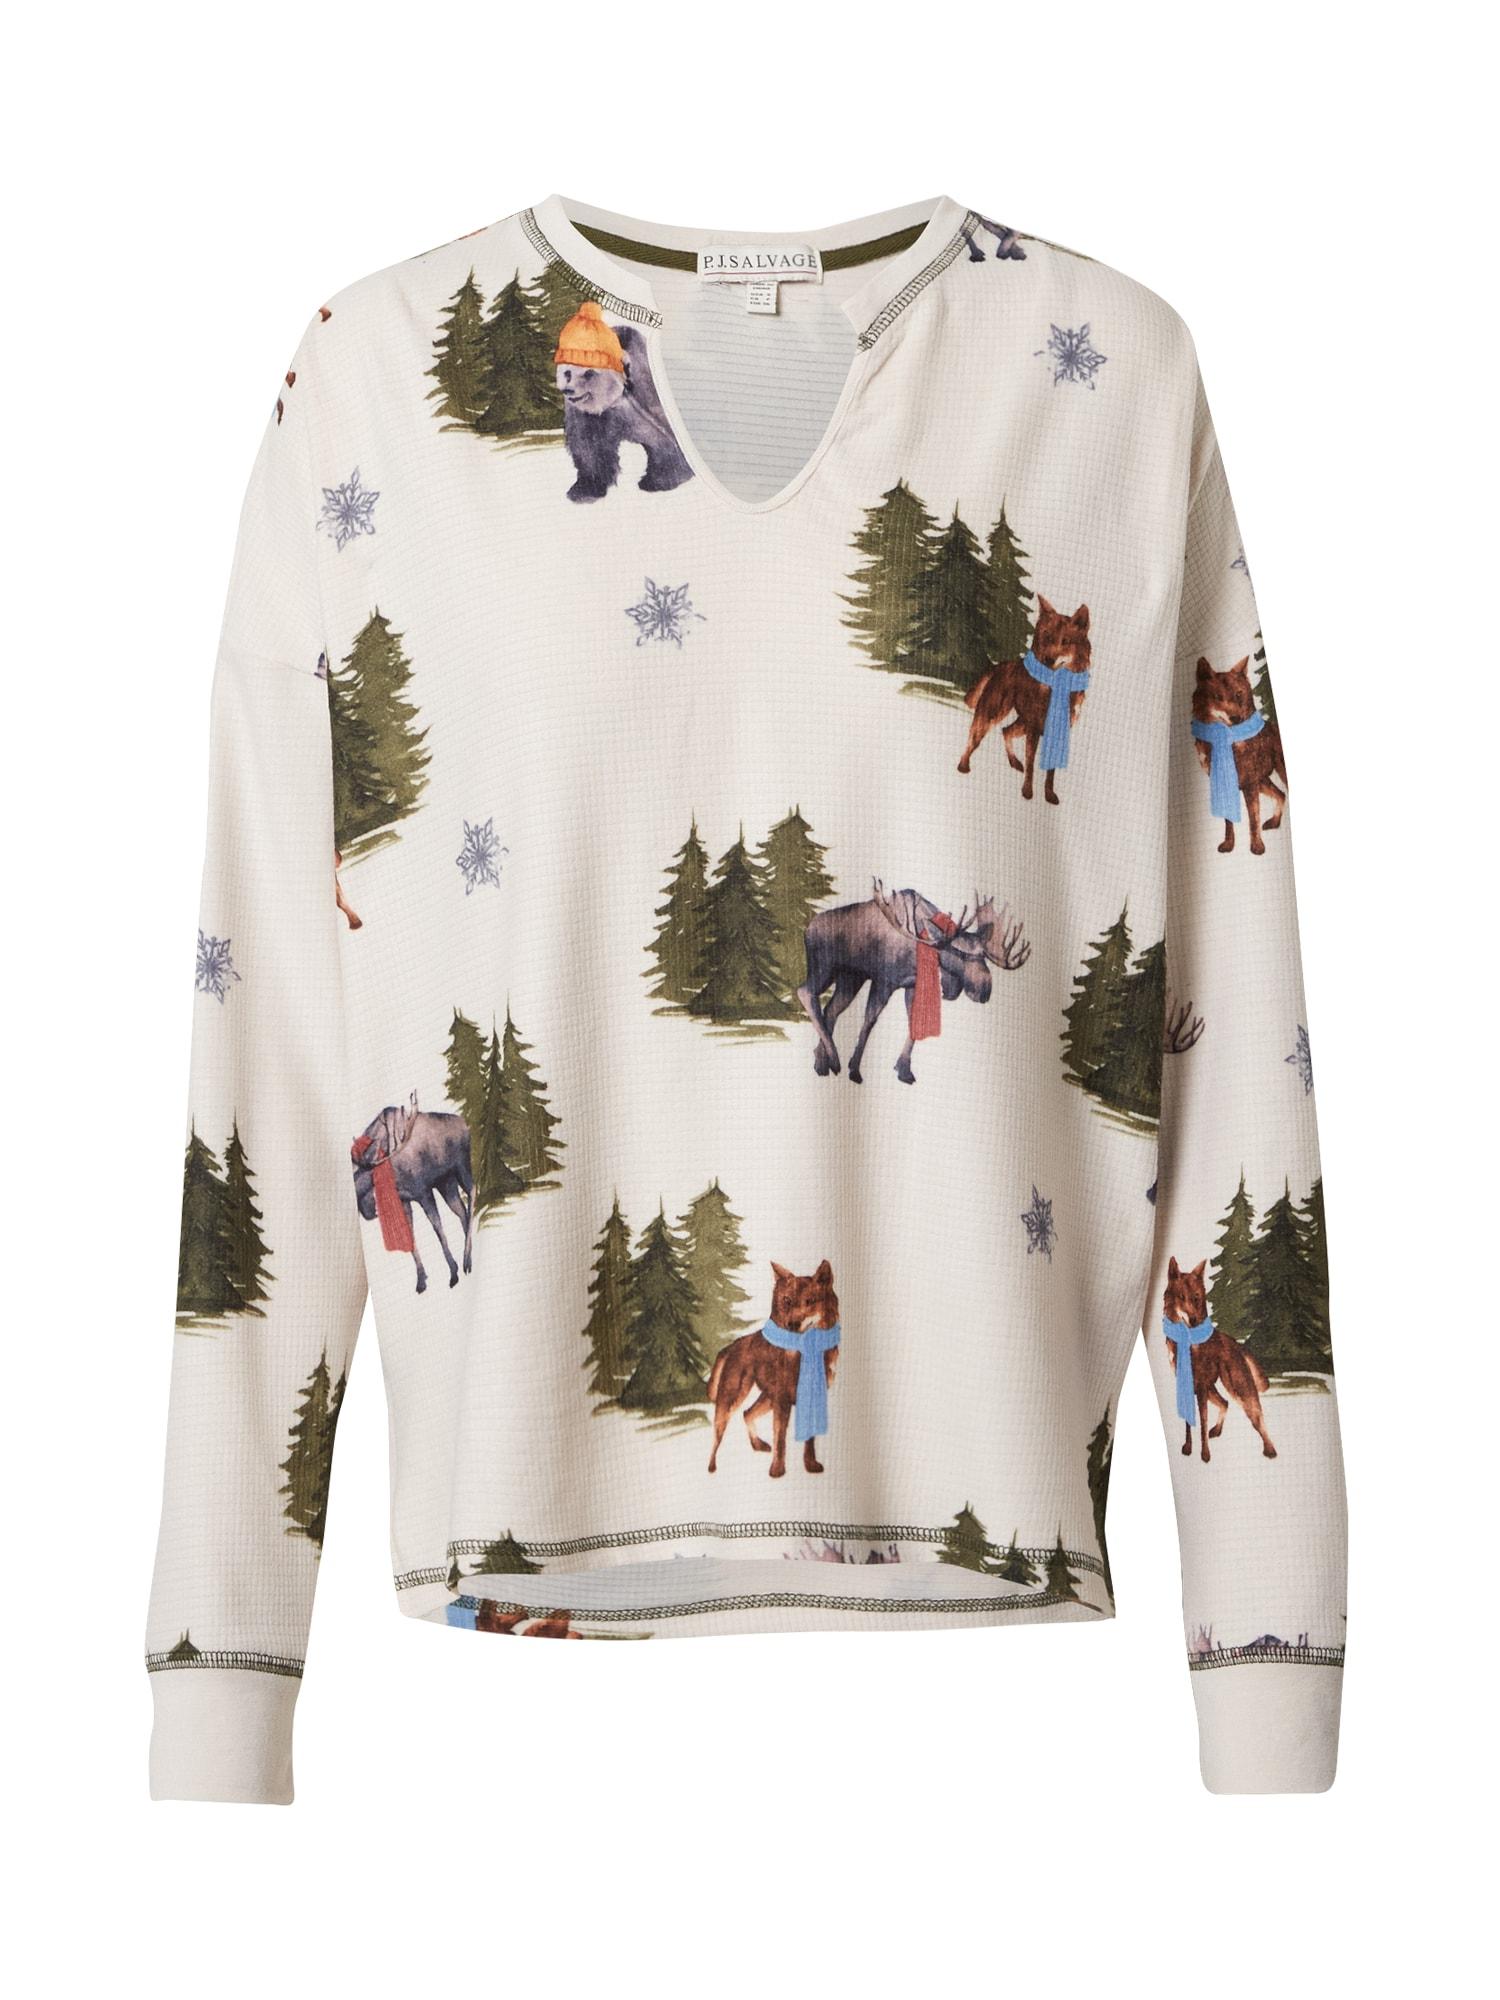 PJ Salvage Pižaminiai marškinėliai rusvai pilka / mišrios spalvos